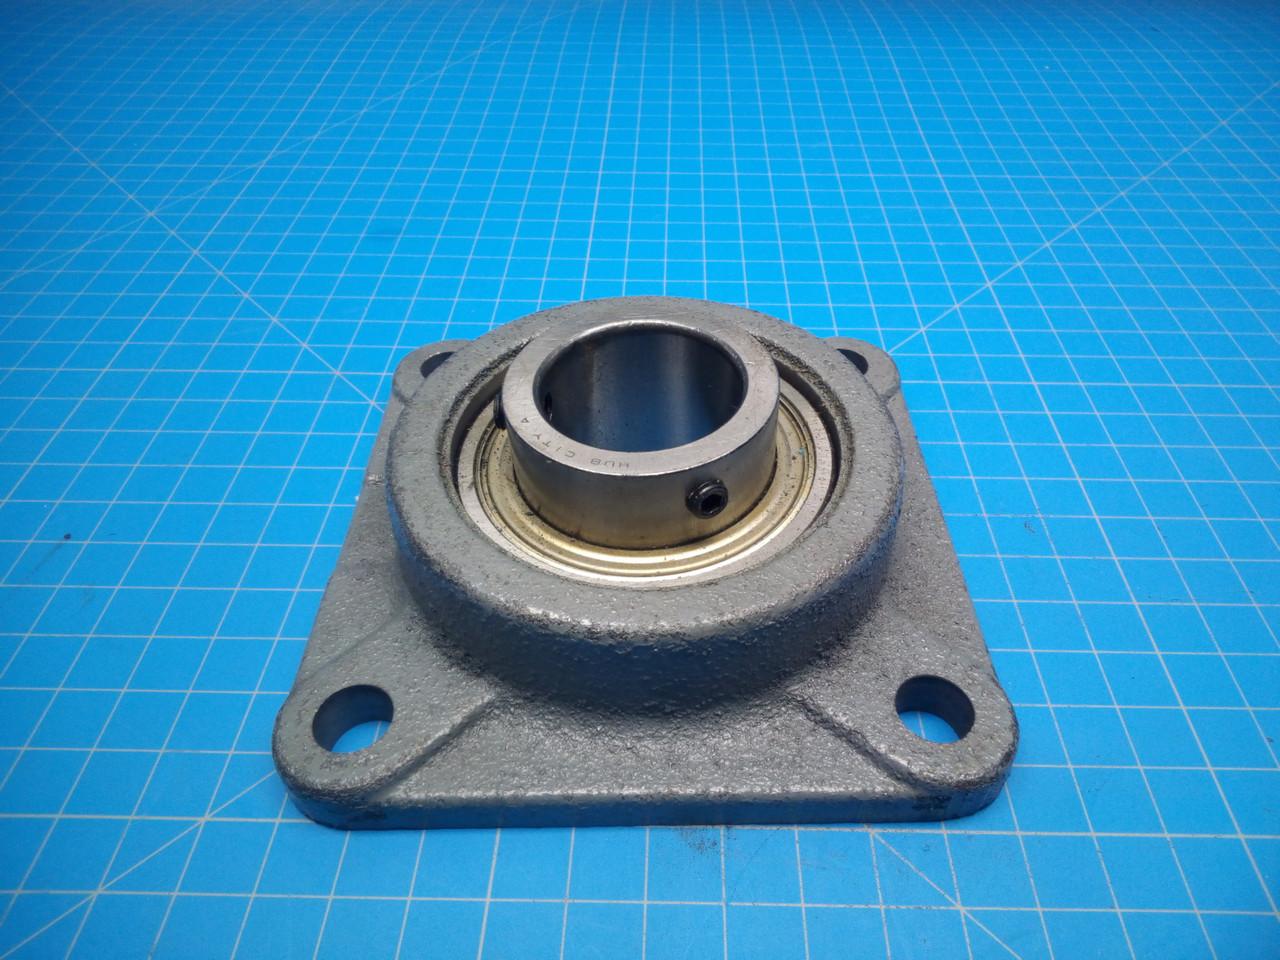 Seal Master 1 - 1/2 - P02-000222